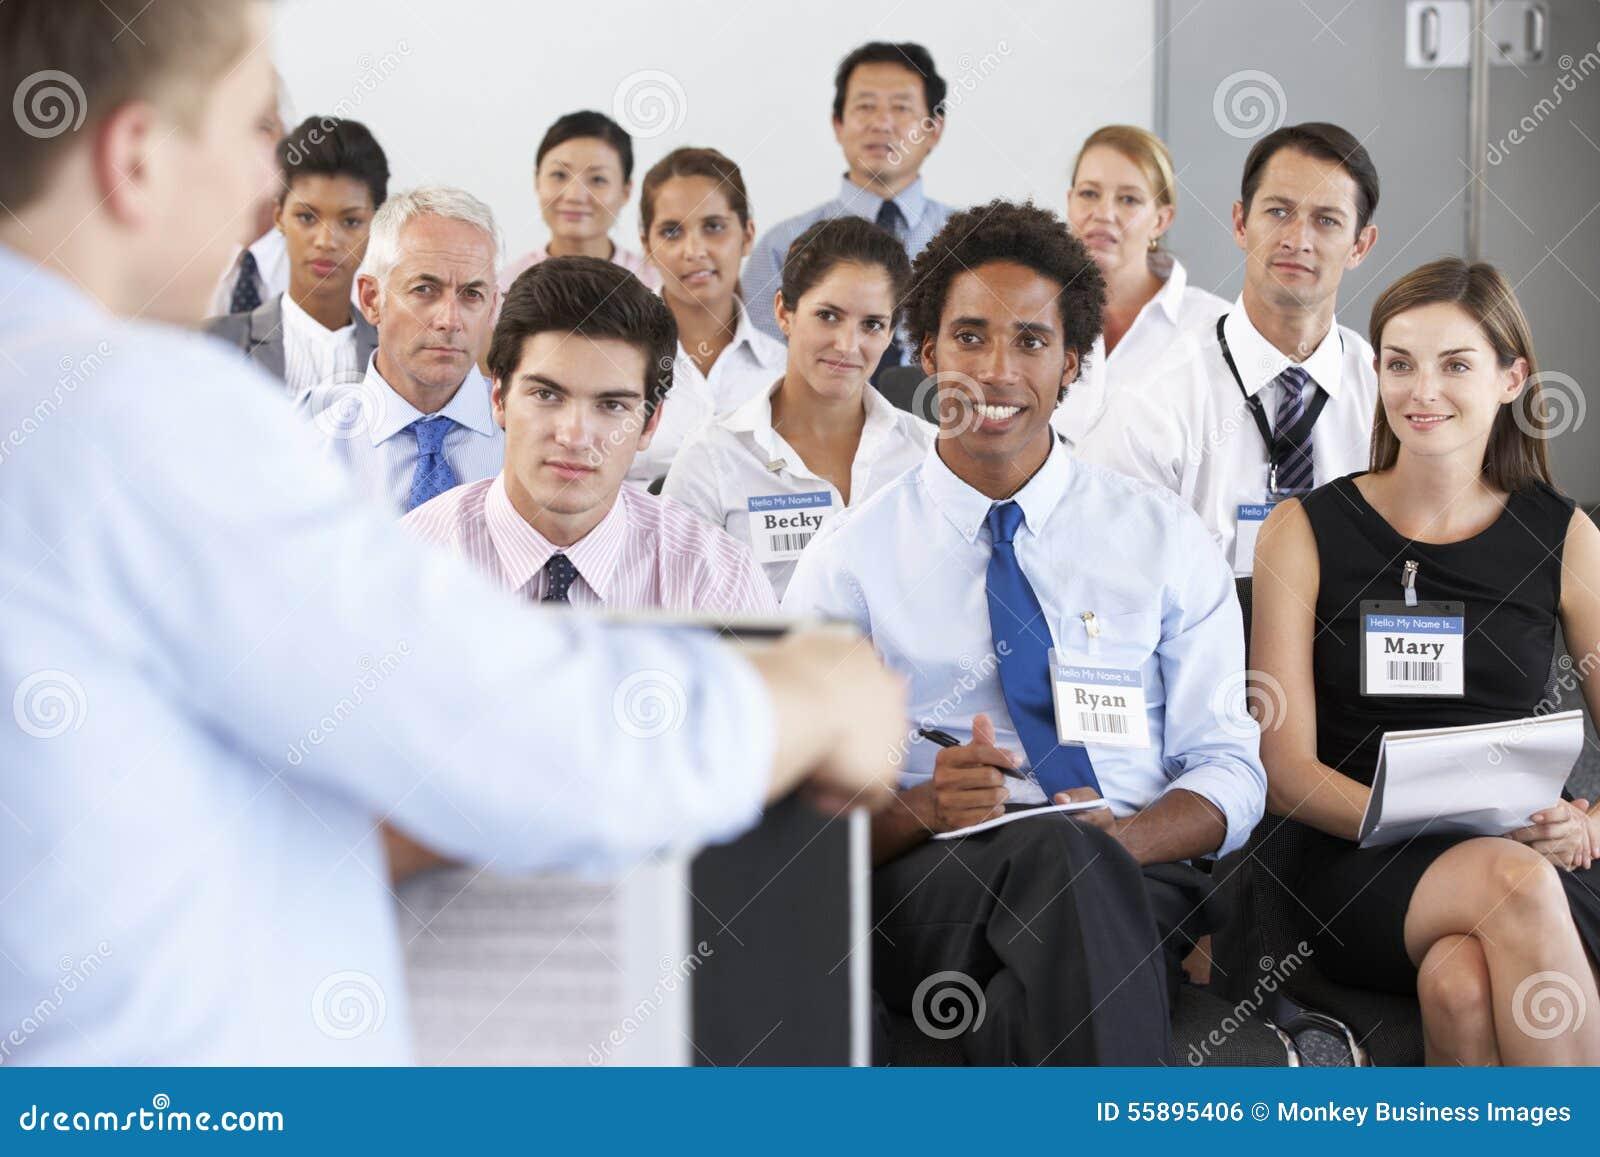 在圈子安装的医护人员在案件会议上